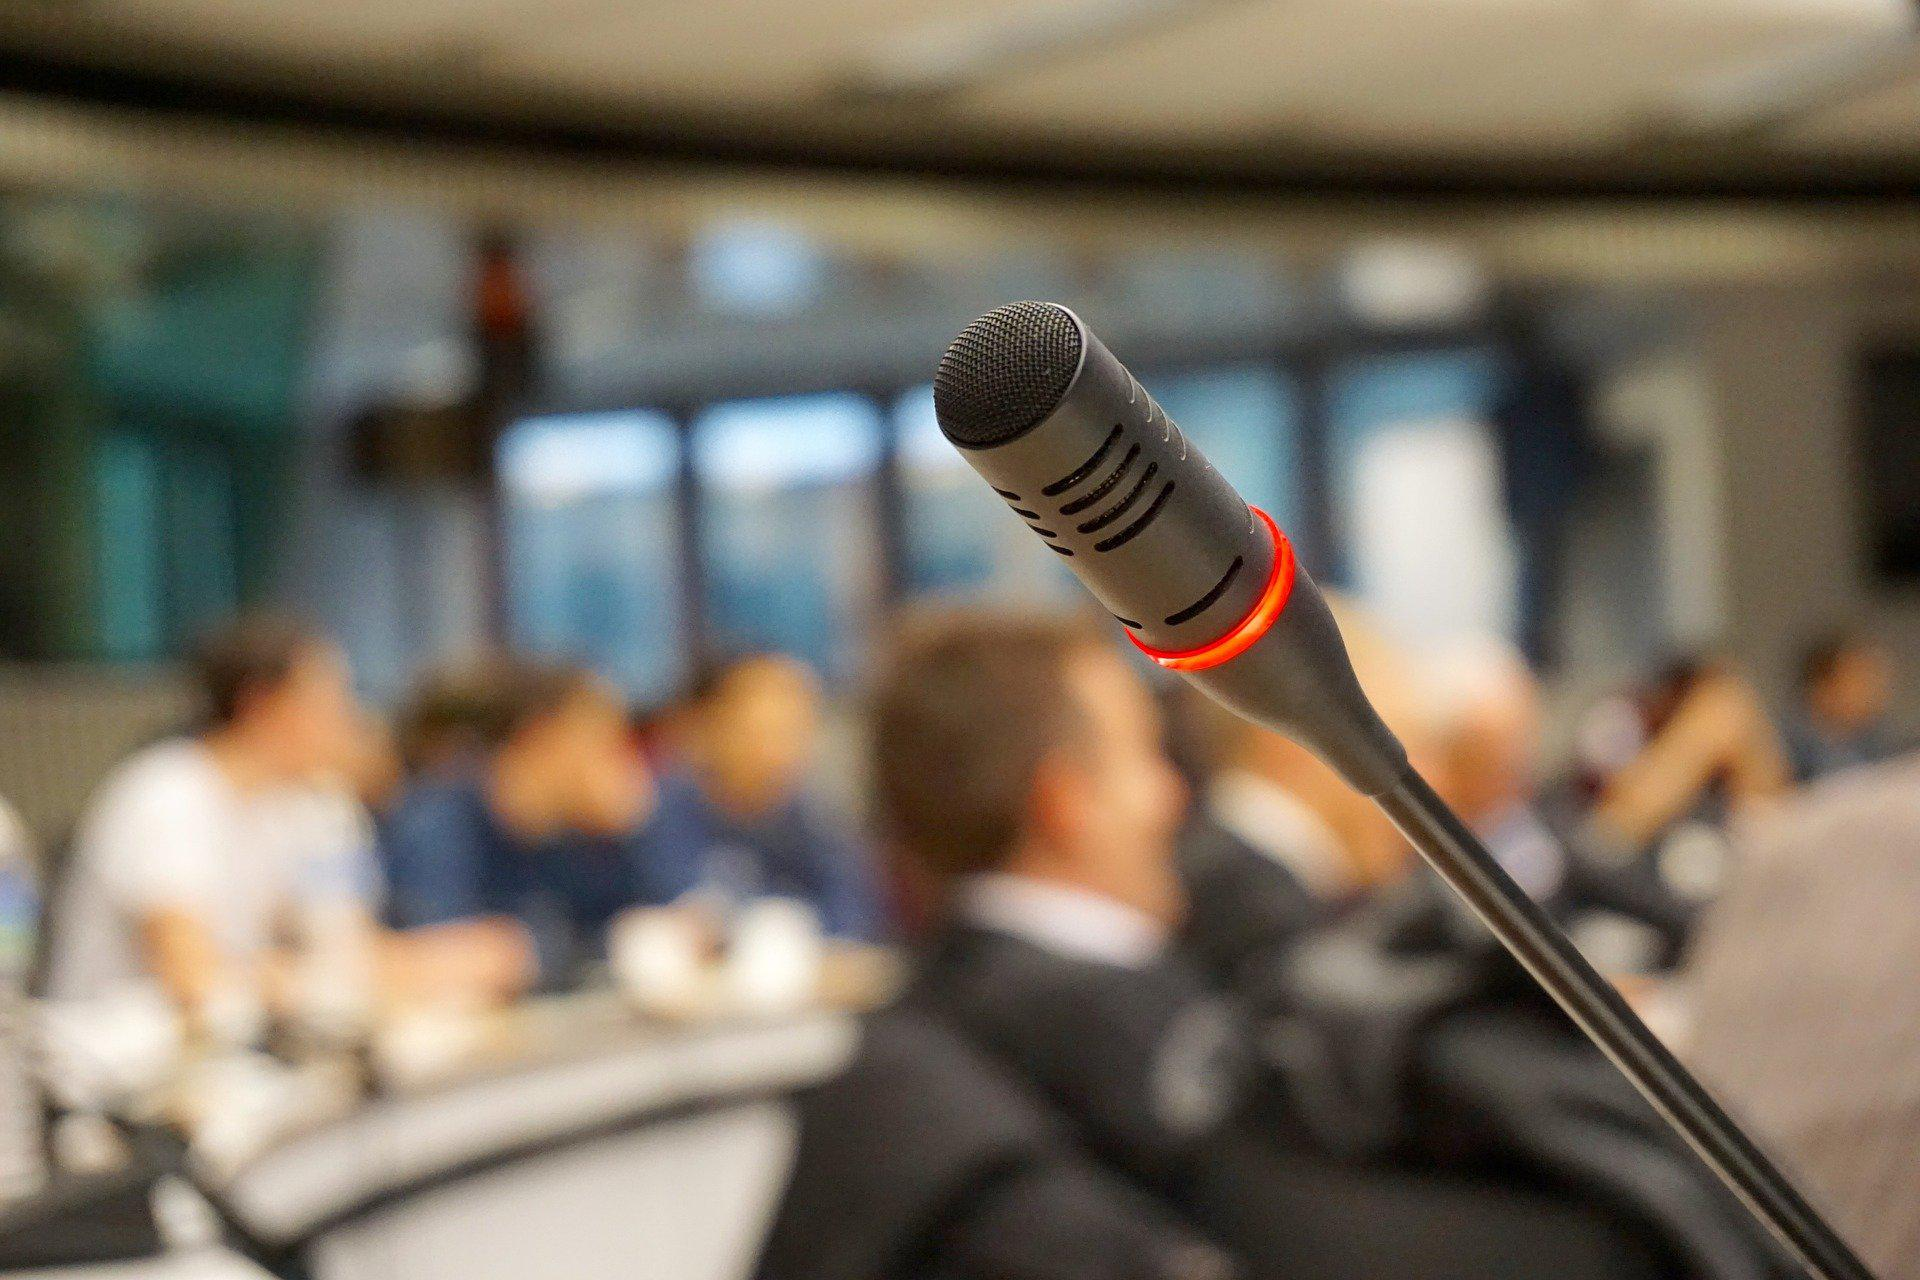 Выступление Партнера по аудиту GSL Law & Consulting Владимира Корнилова на 5-й Ежегодной конференции по международному налоговому планированию